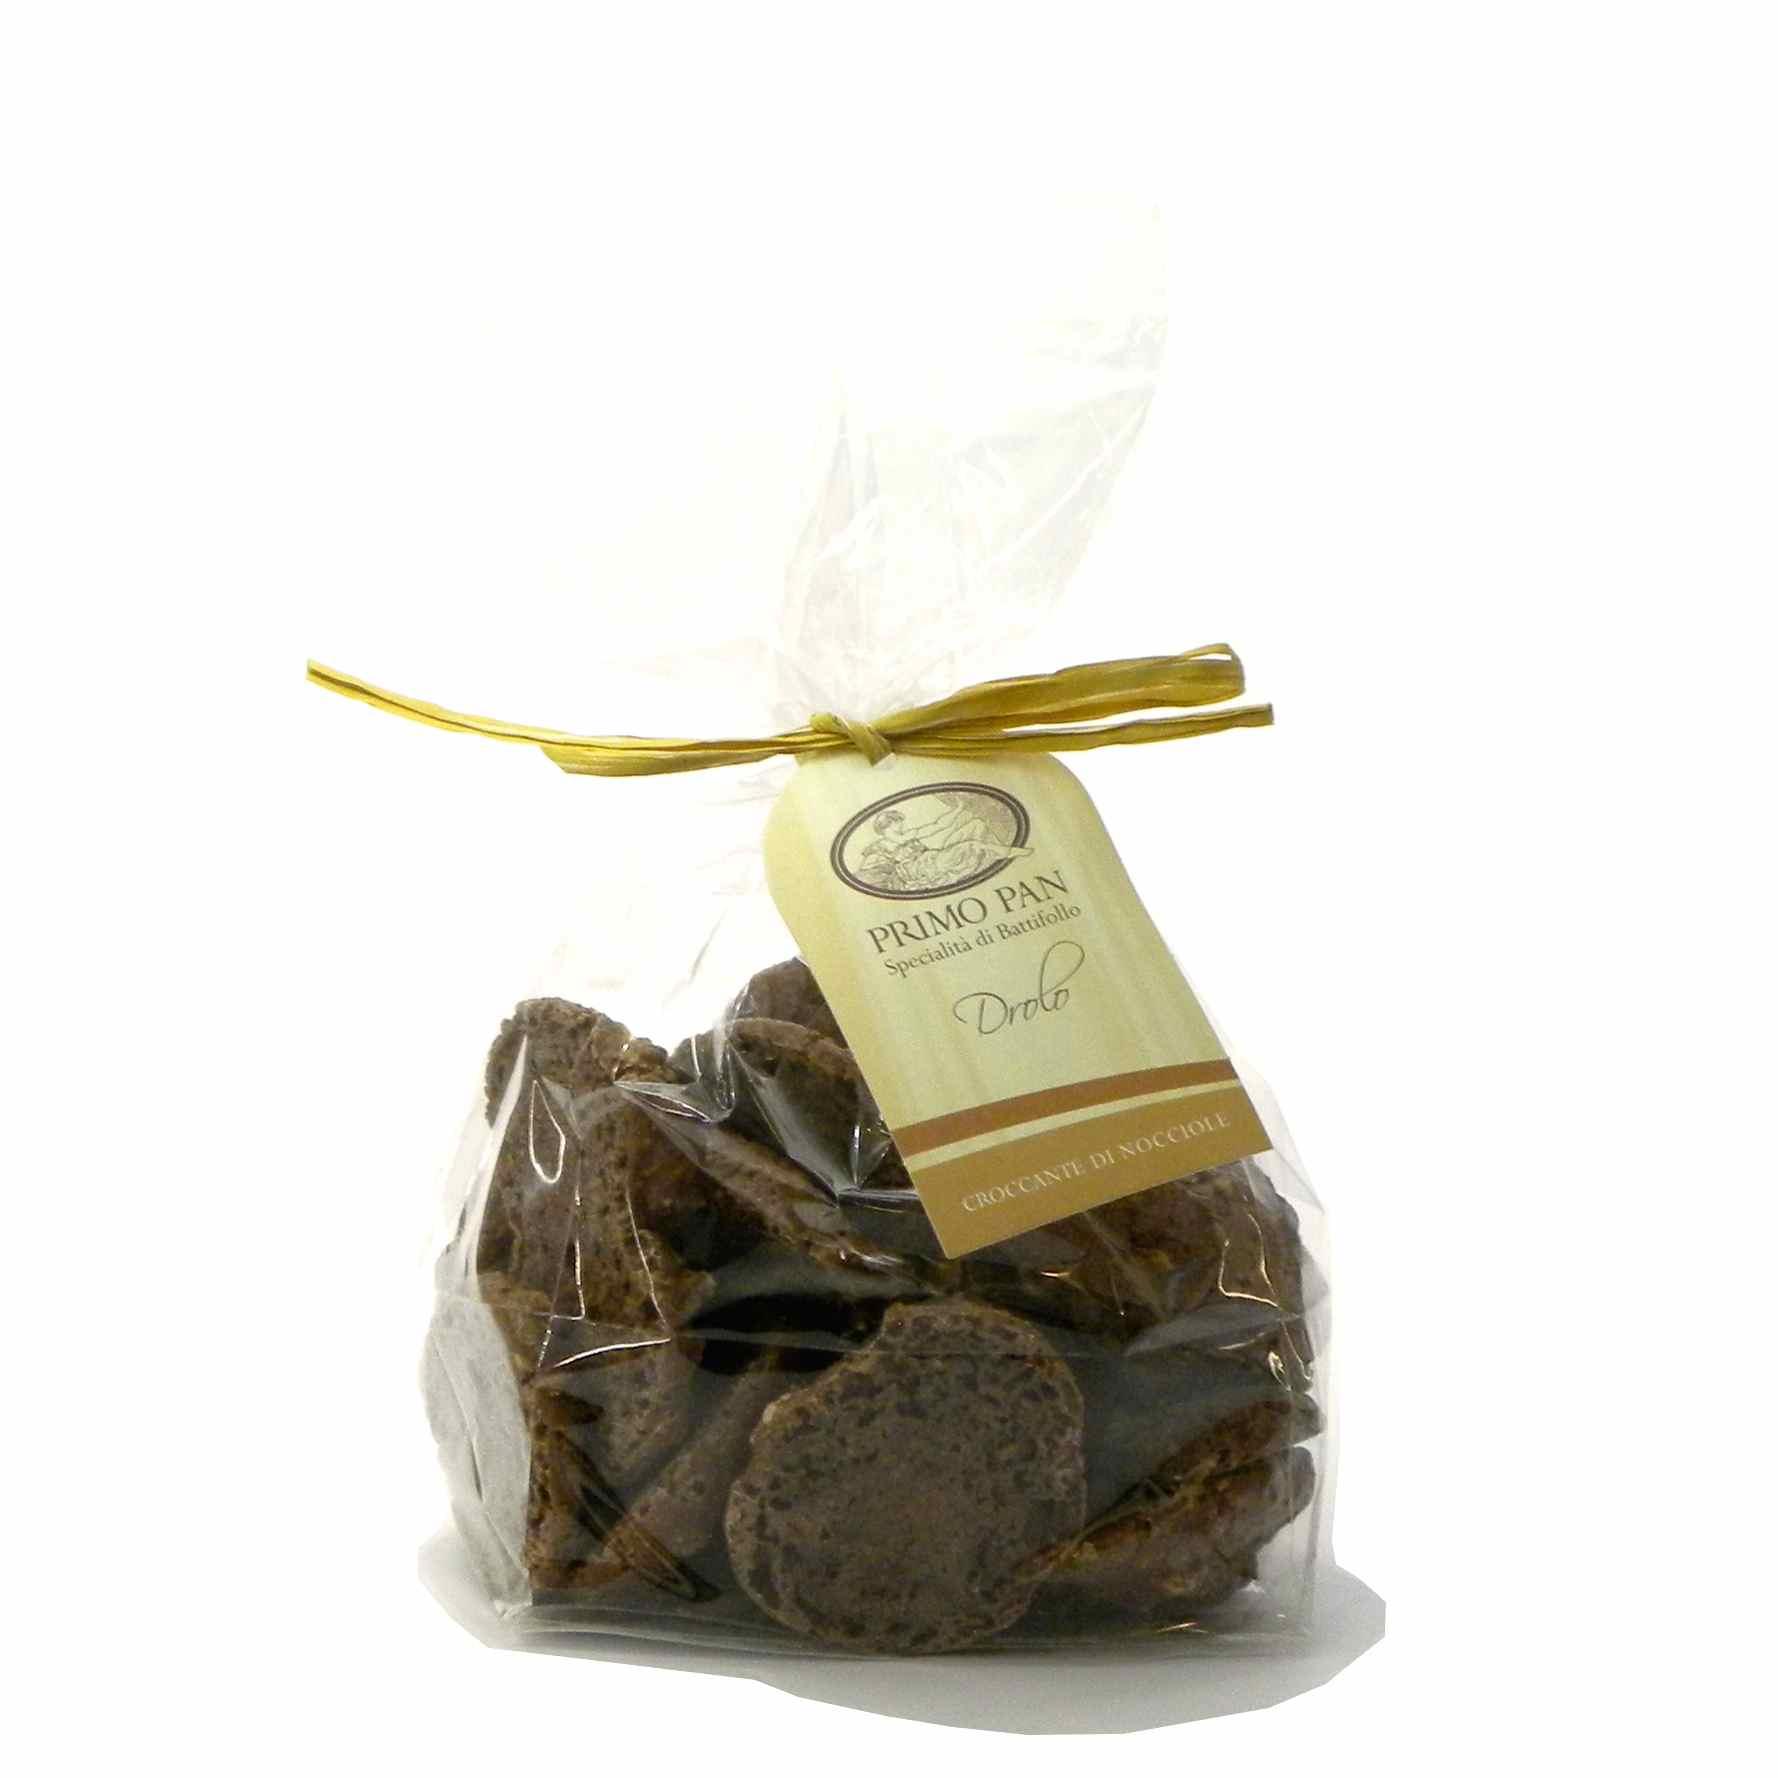 Primo Pan Drolo nocciole cacao Biscotti – Primo Pan Drolo hazelnuts cocoa Biscuits – Gustorotondo – Italian food boutique